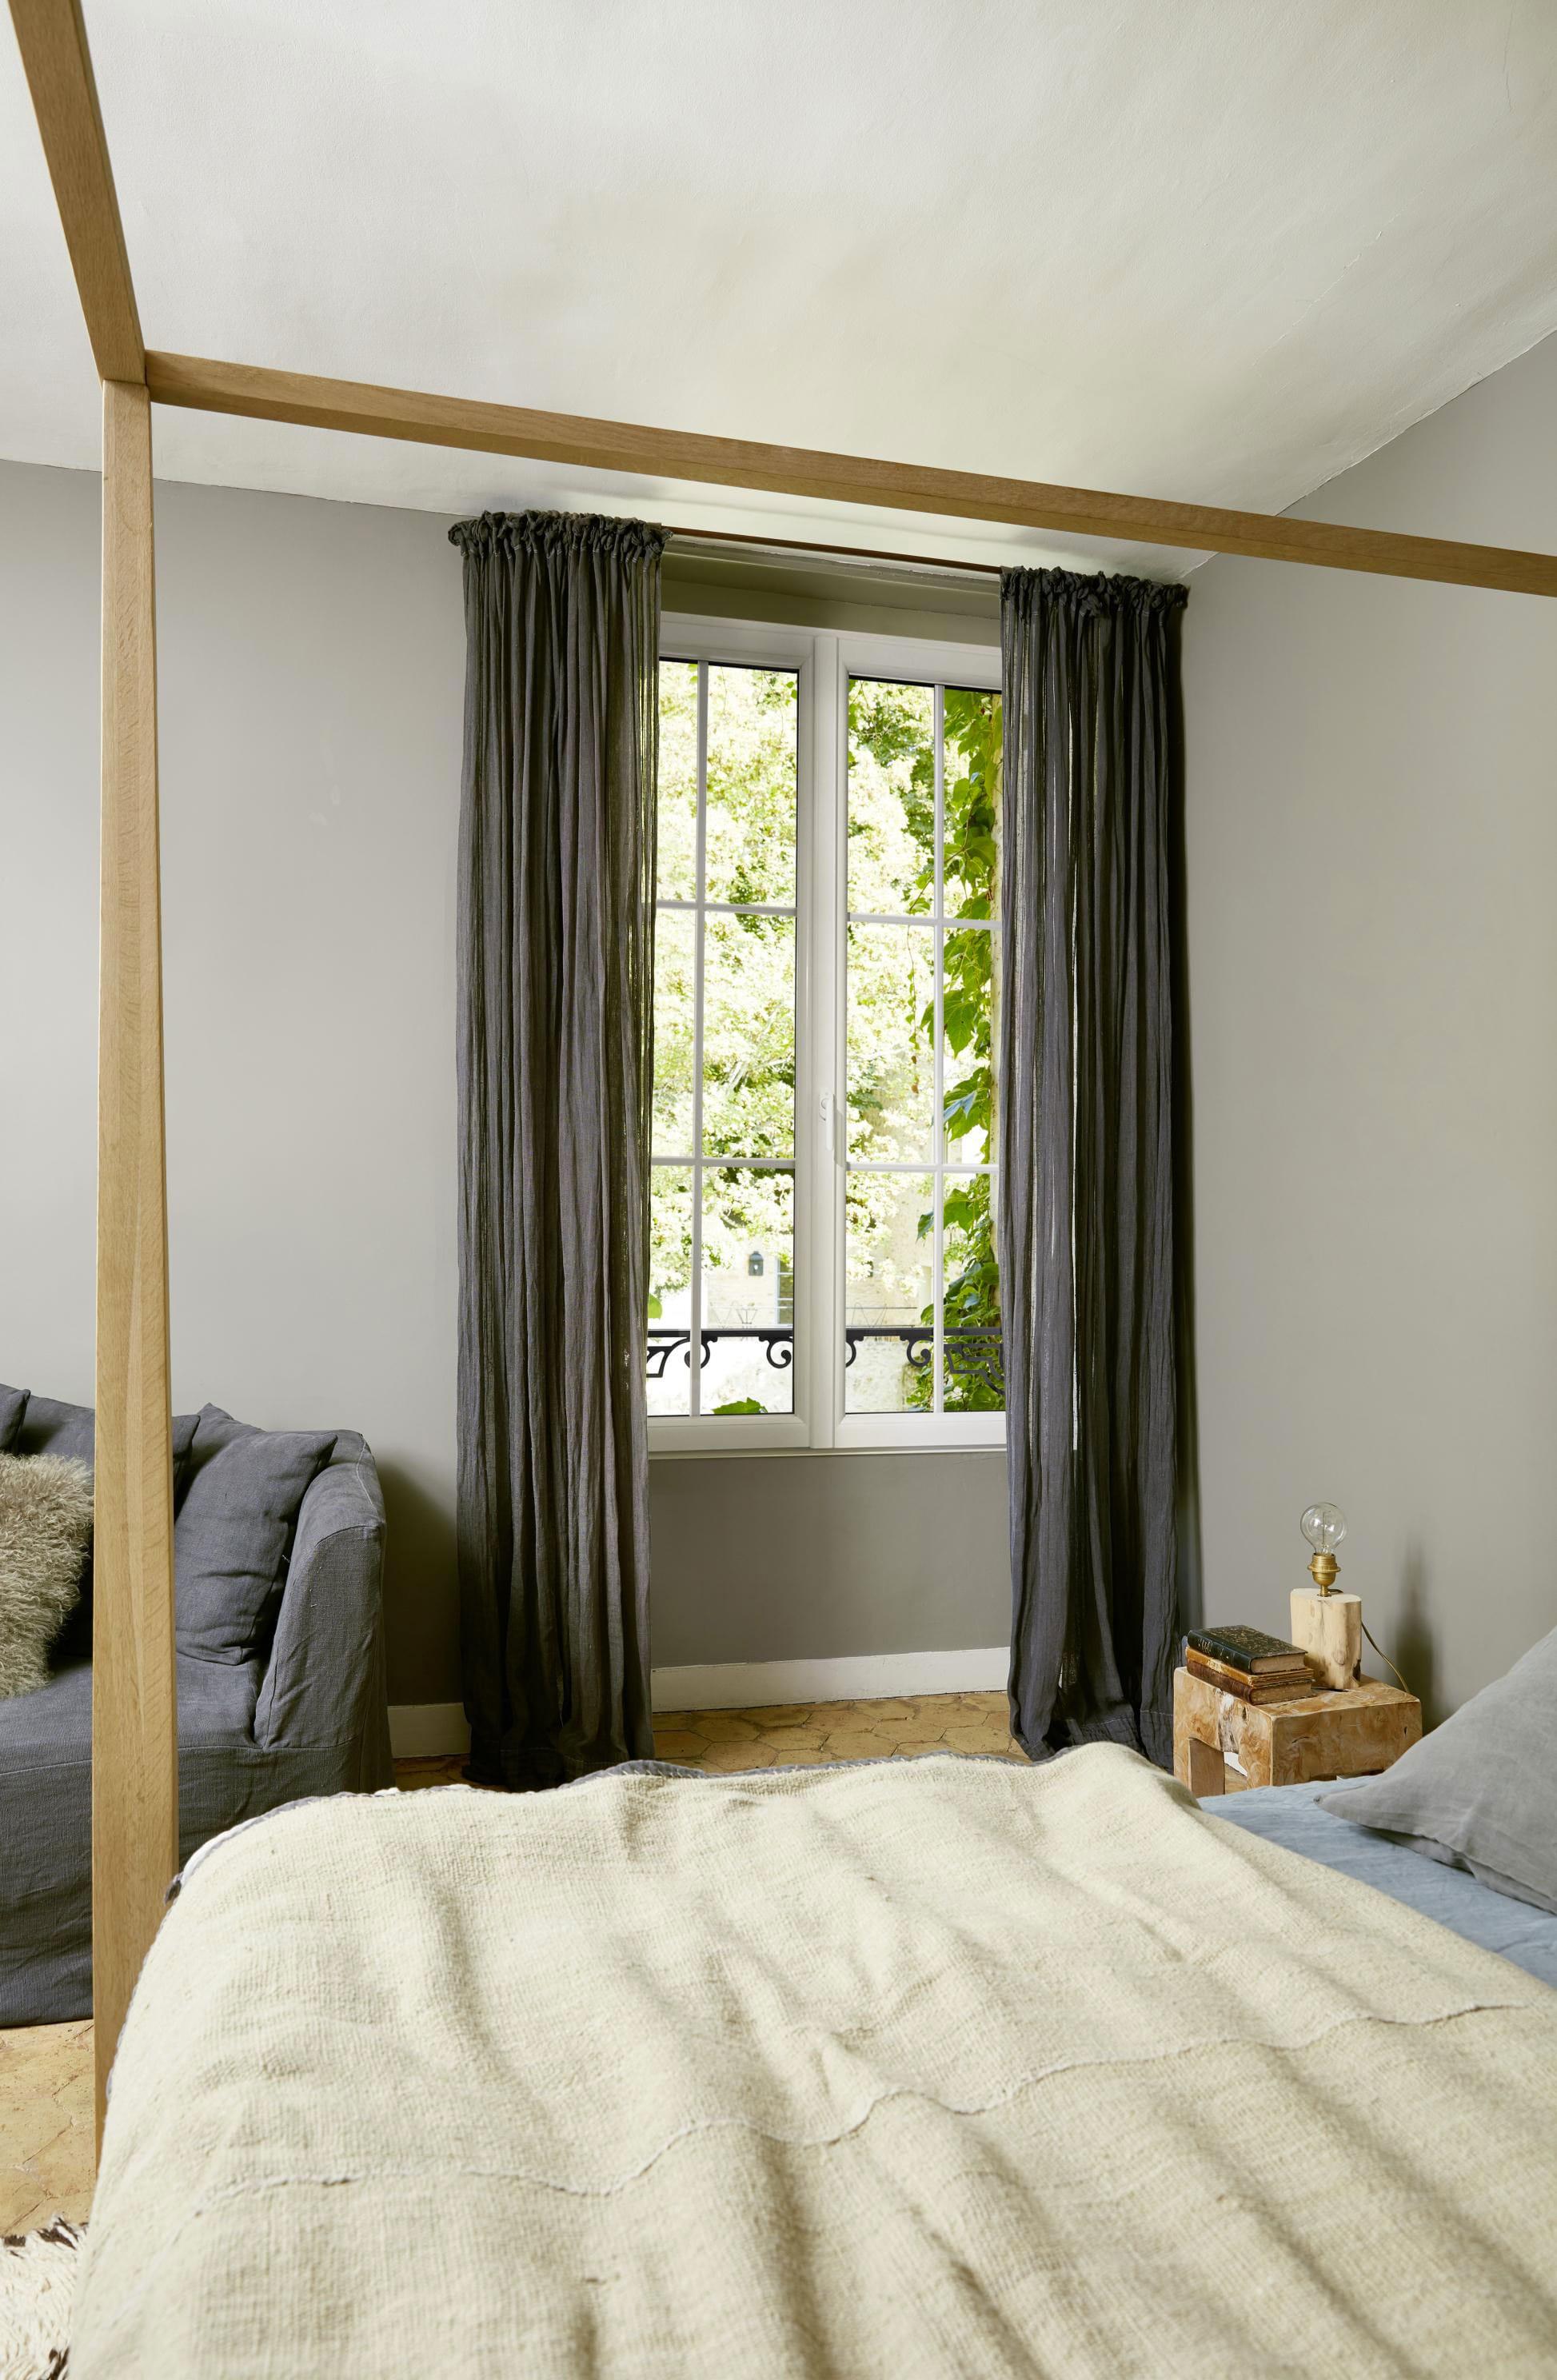 Fenêtre sur mesure avec rideaux gris dans une chambre aux tons gris et écru